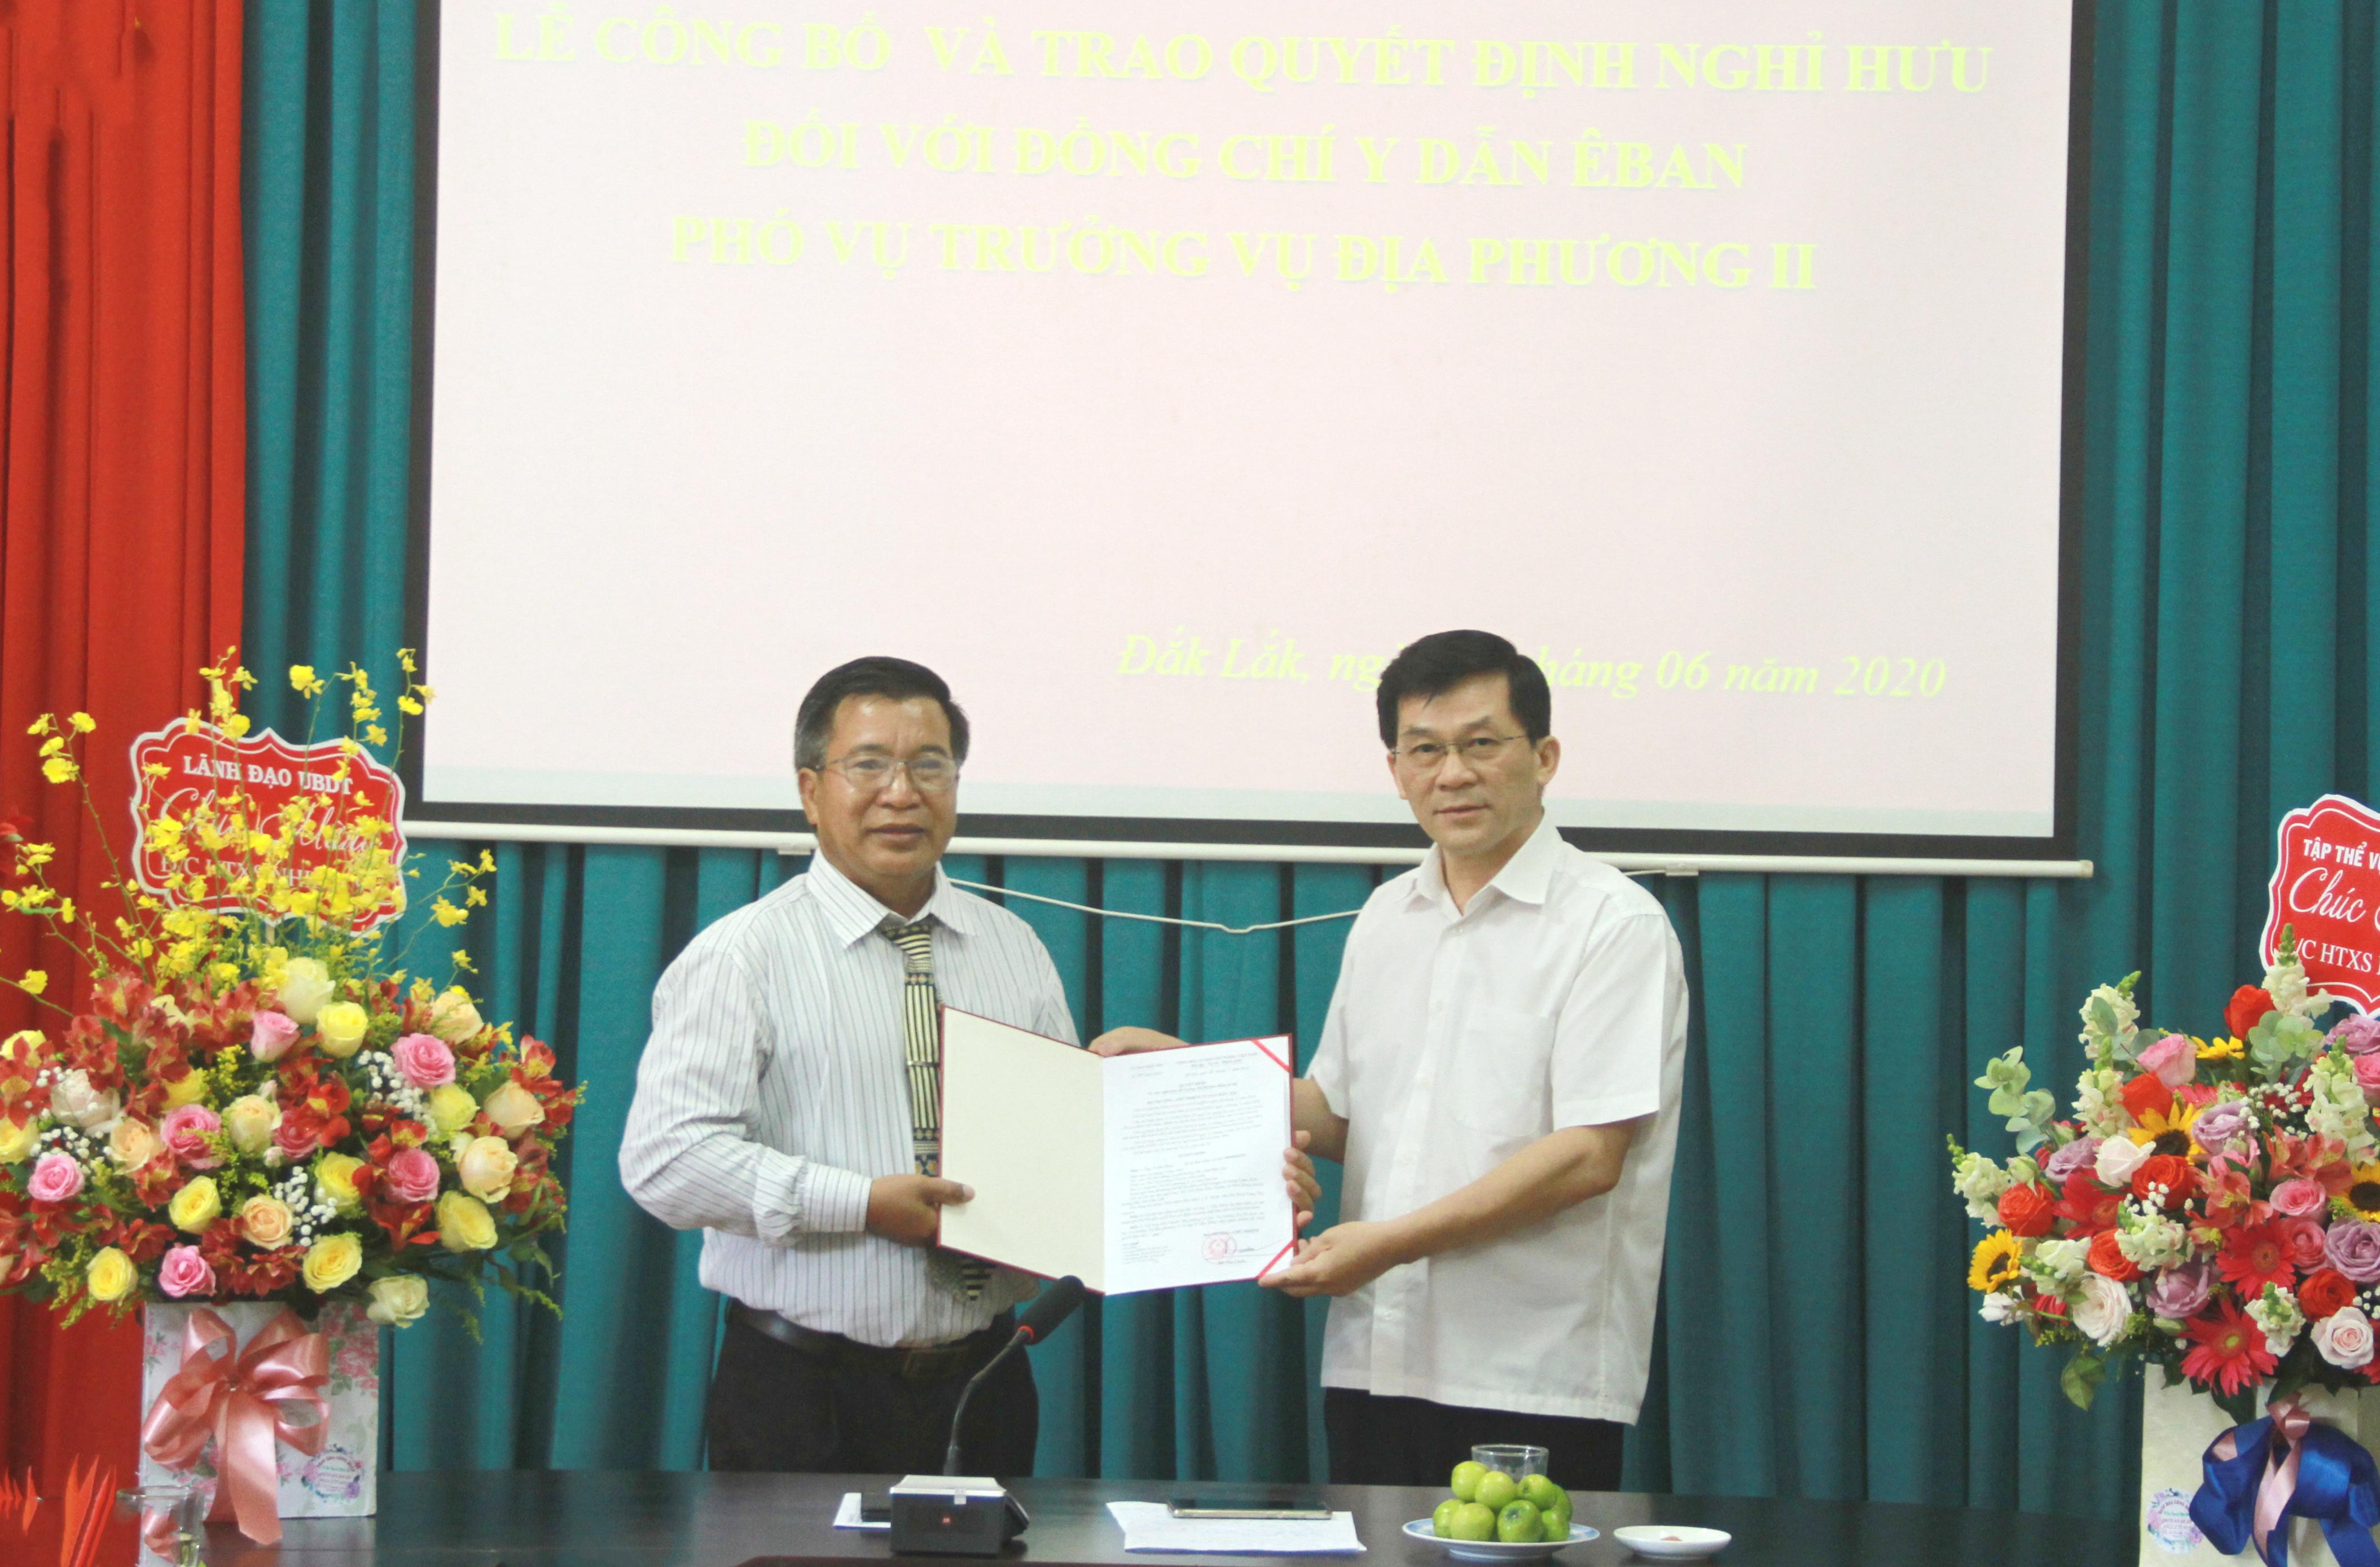 Thứ trưởng, Phó Chủ nhiệm UBDT Nông Quốc Tuấn trao quyết định nghỉ hưu cho ông Y Dẫn Êban